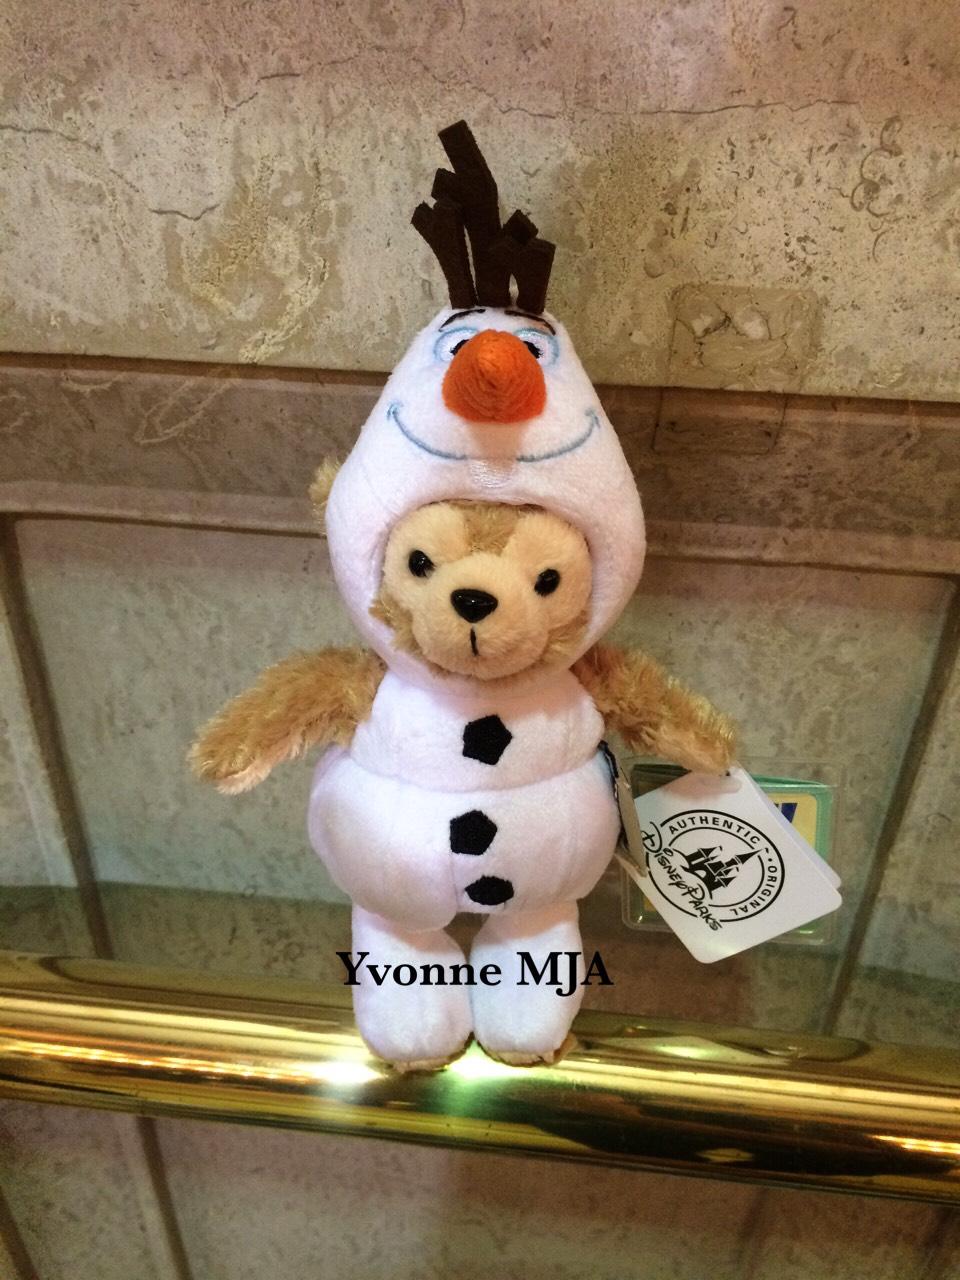 *Yvonne MJA香港代購*香港迪士尼限定正品 Duffy達菲熊雪寶造型吊飾(帽子可拿下喔)